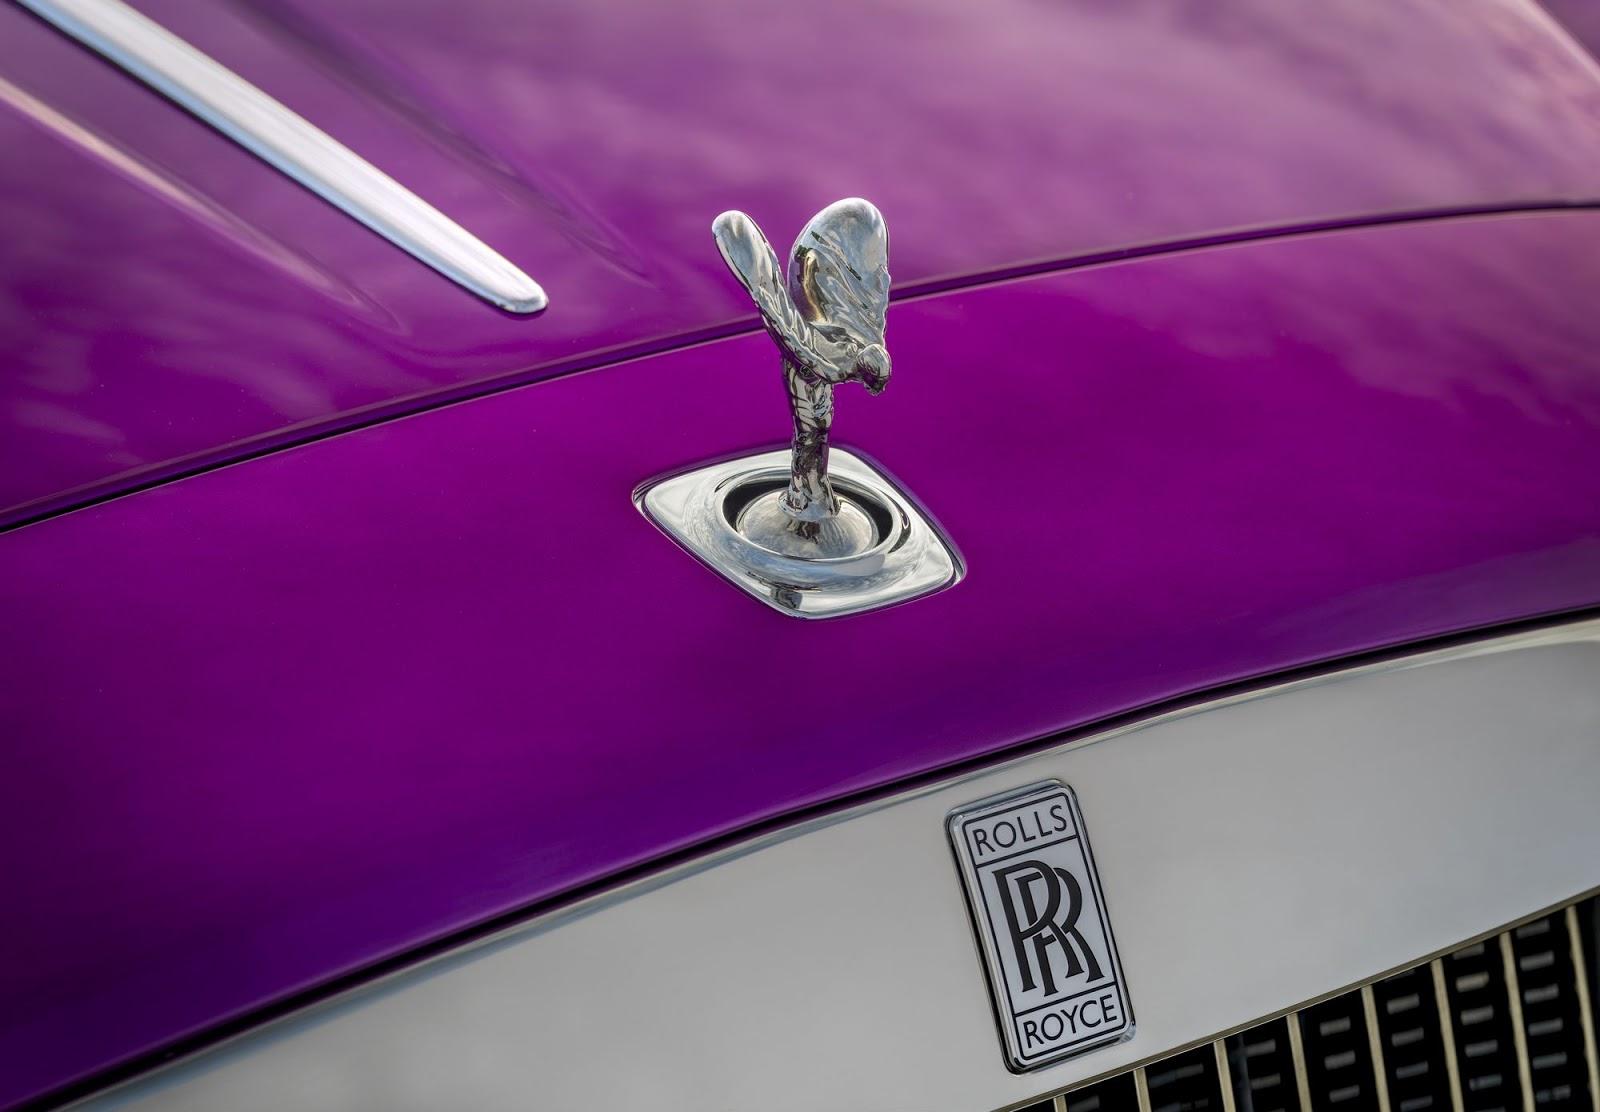 Xe++ - Mãn nhãn với chiếc Rolls-Royce Dawn 'lòe loẹt' nhất thế giới (Hình 10).